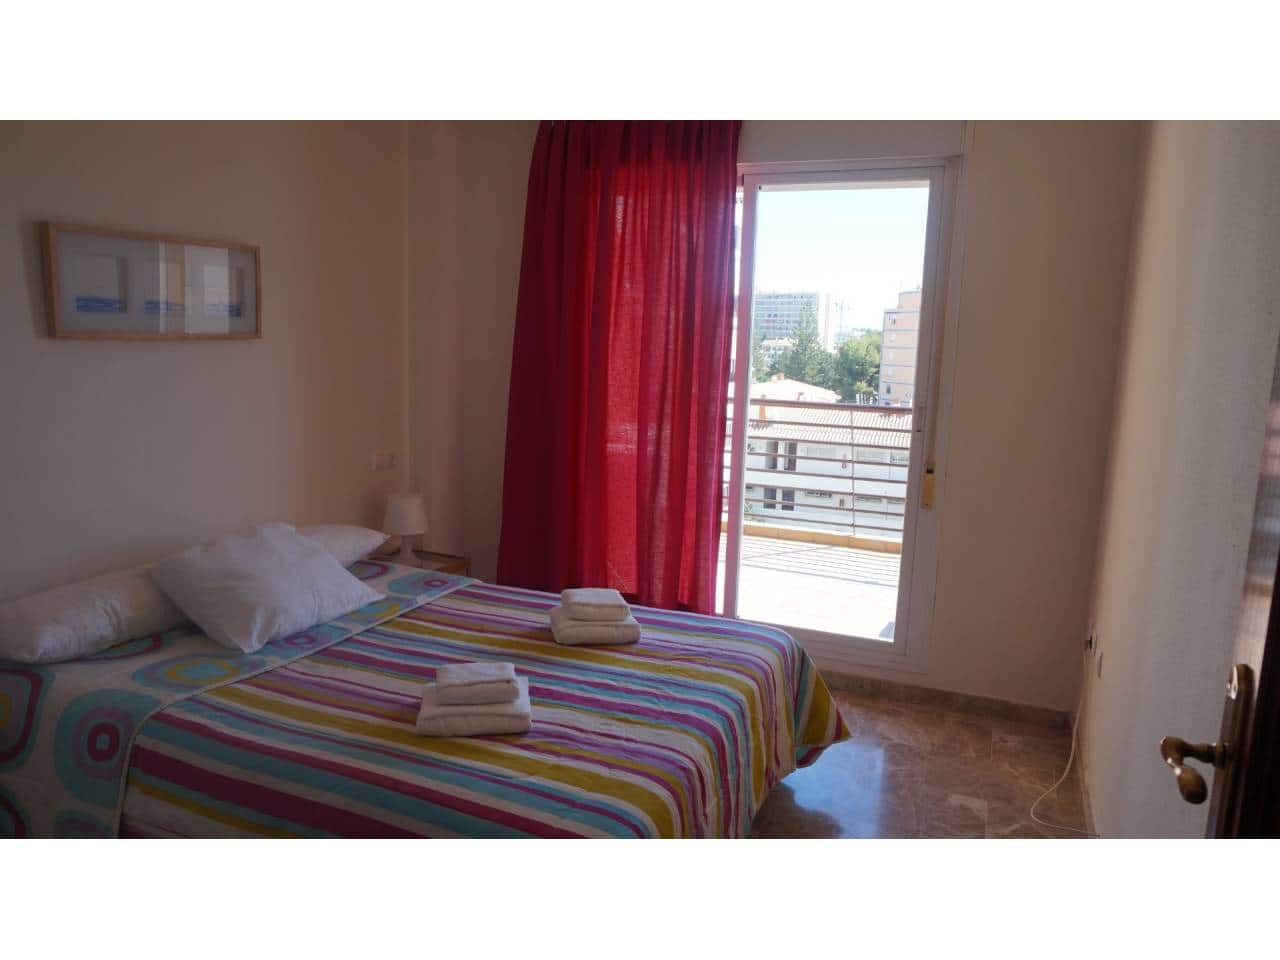 2 bedroom Flat for sale in Benalmadena - € 195,000 (Ref: 4529844)